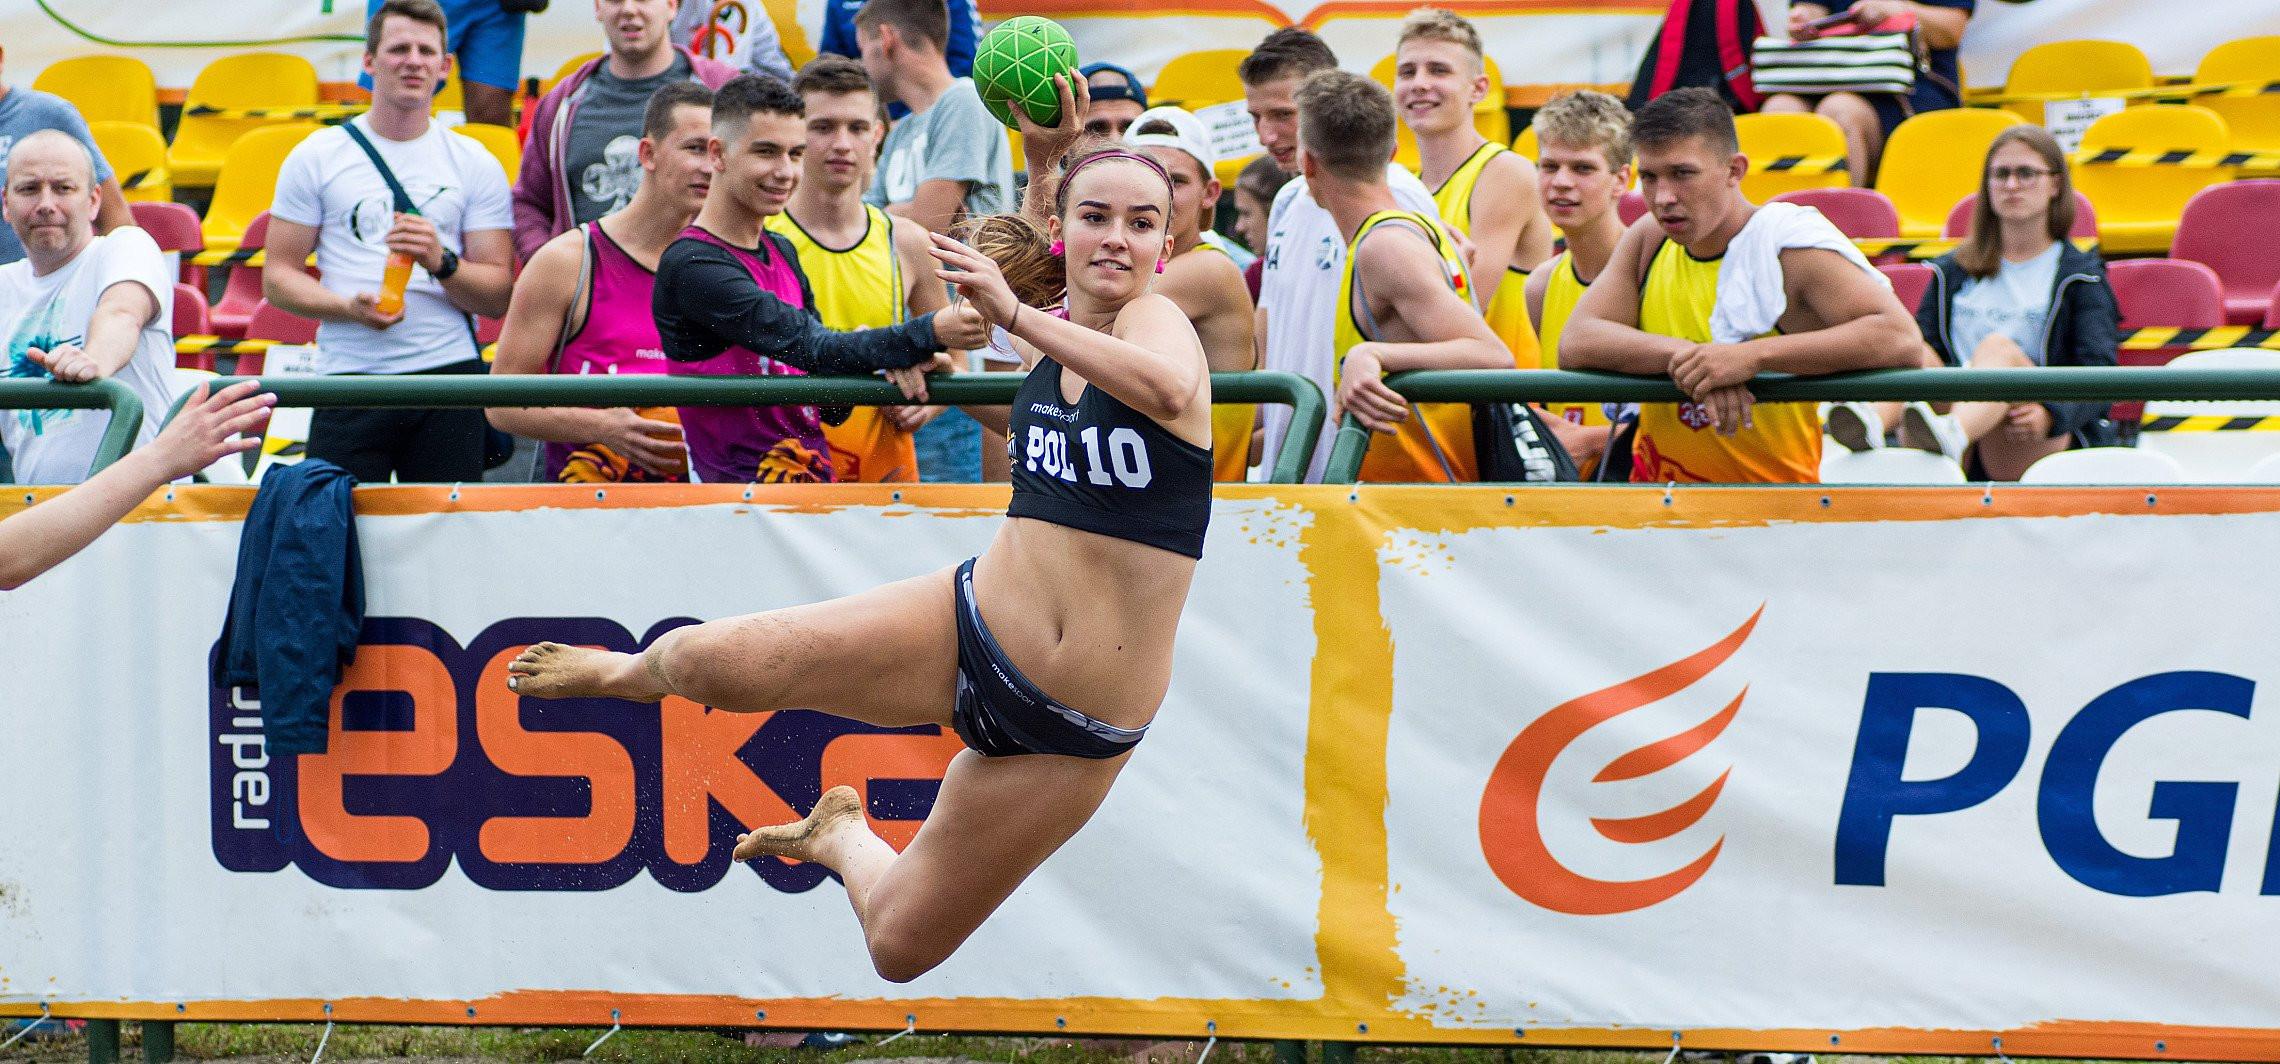 Inowrocław - W Inowrocławiu trwa turniej plażowej piłki ręcznej